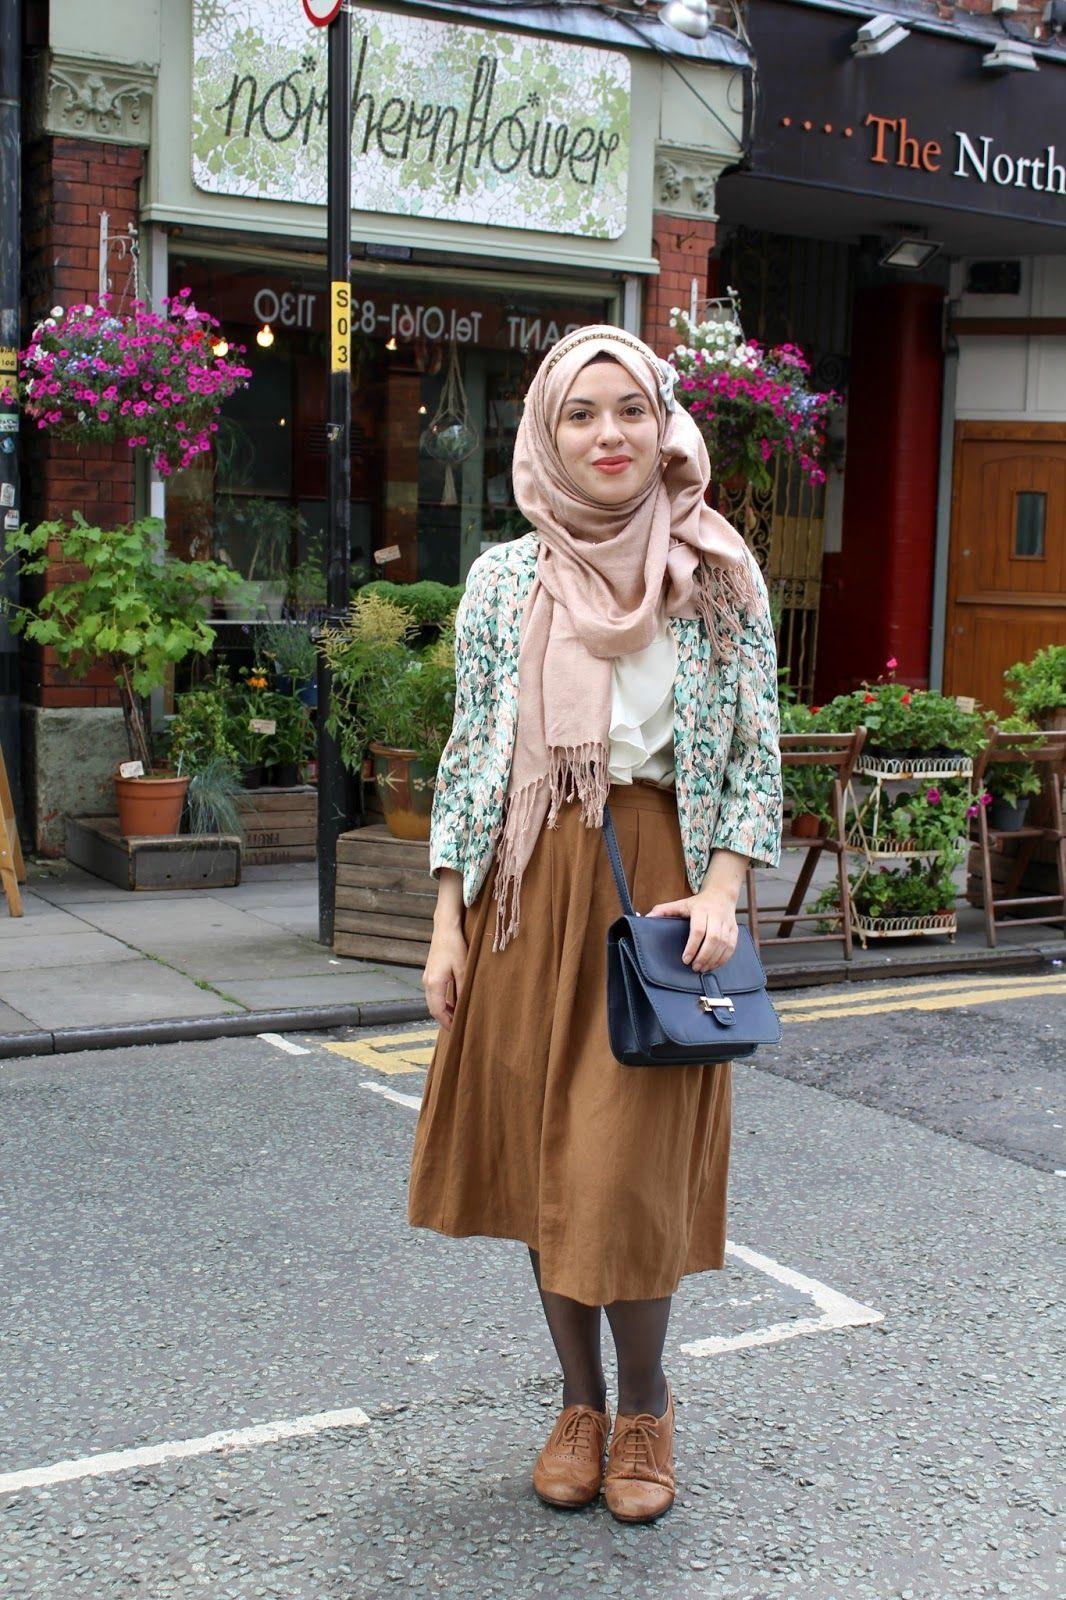 Vintagonista City Tour Vinatge Hjab Style Hijab Fashion Eclectic Vinatge Blogger Vintage